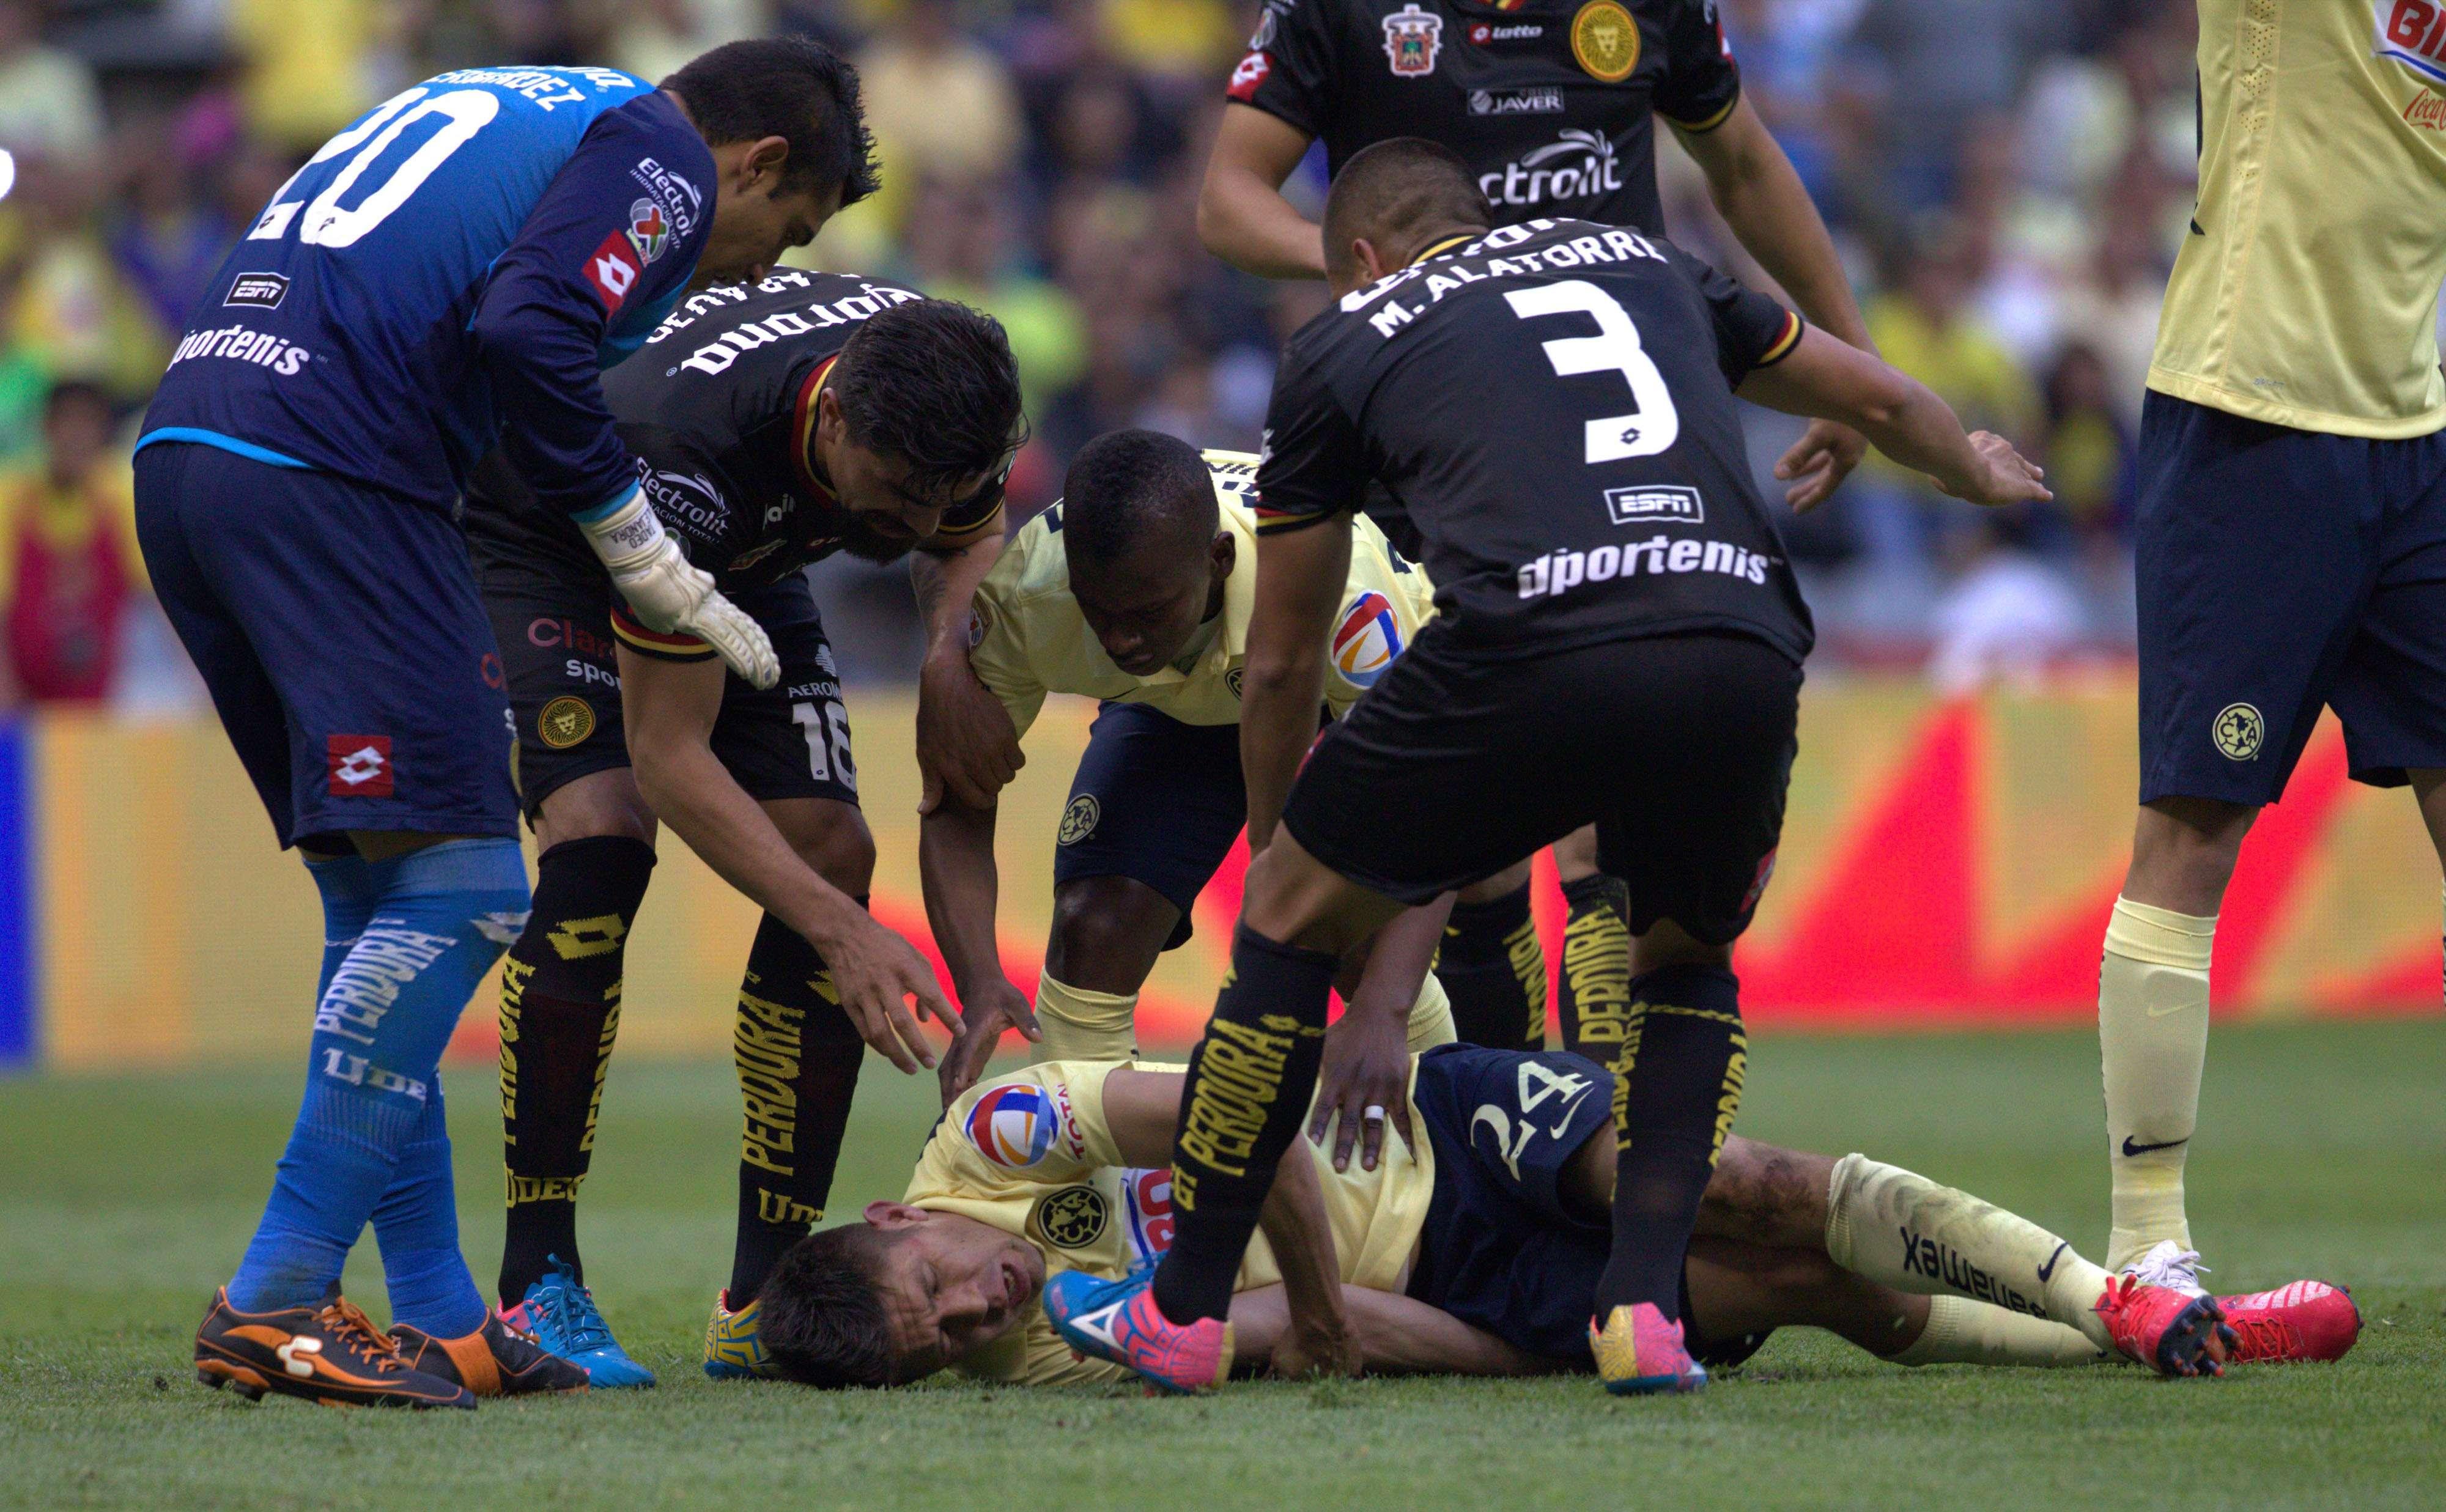 Oribe Peralta al sufrir el choque con Humberto Hernández, arquero de Leones Negros. Foto: Mexsport